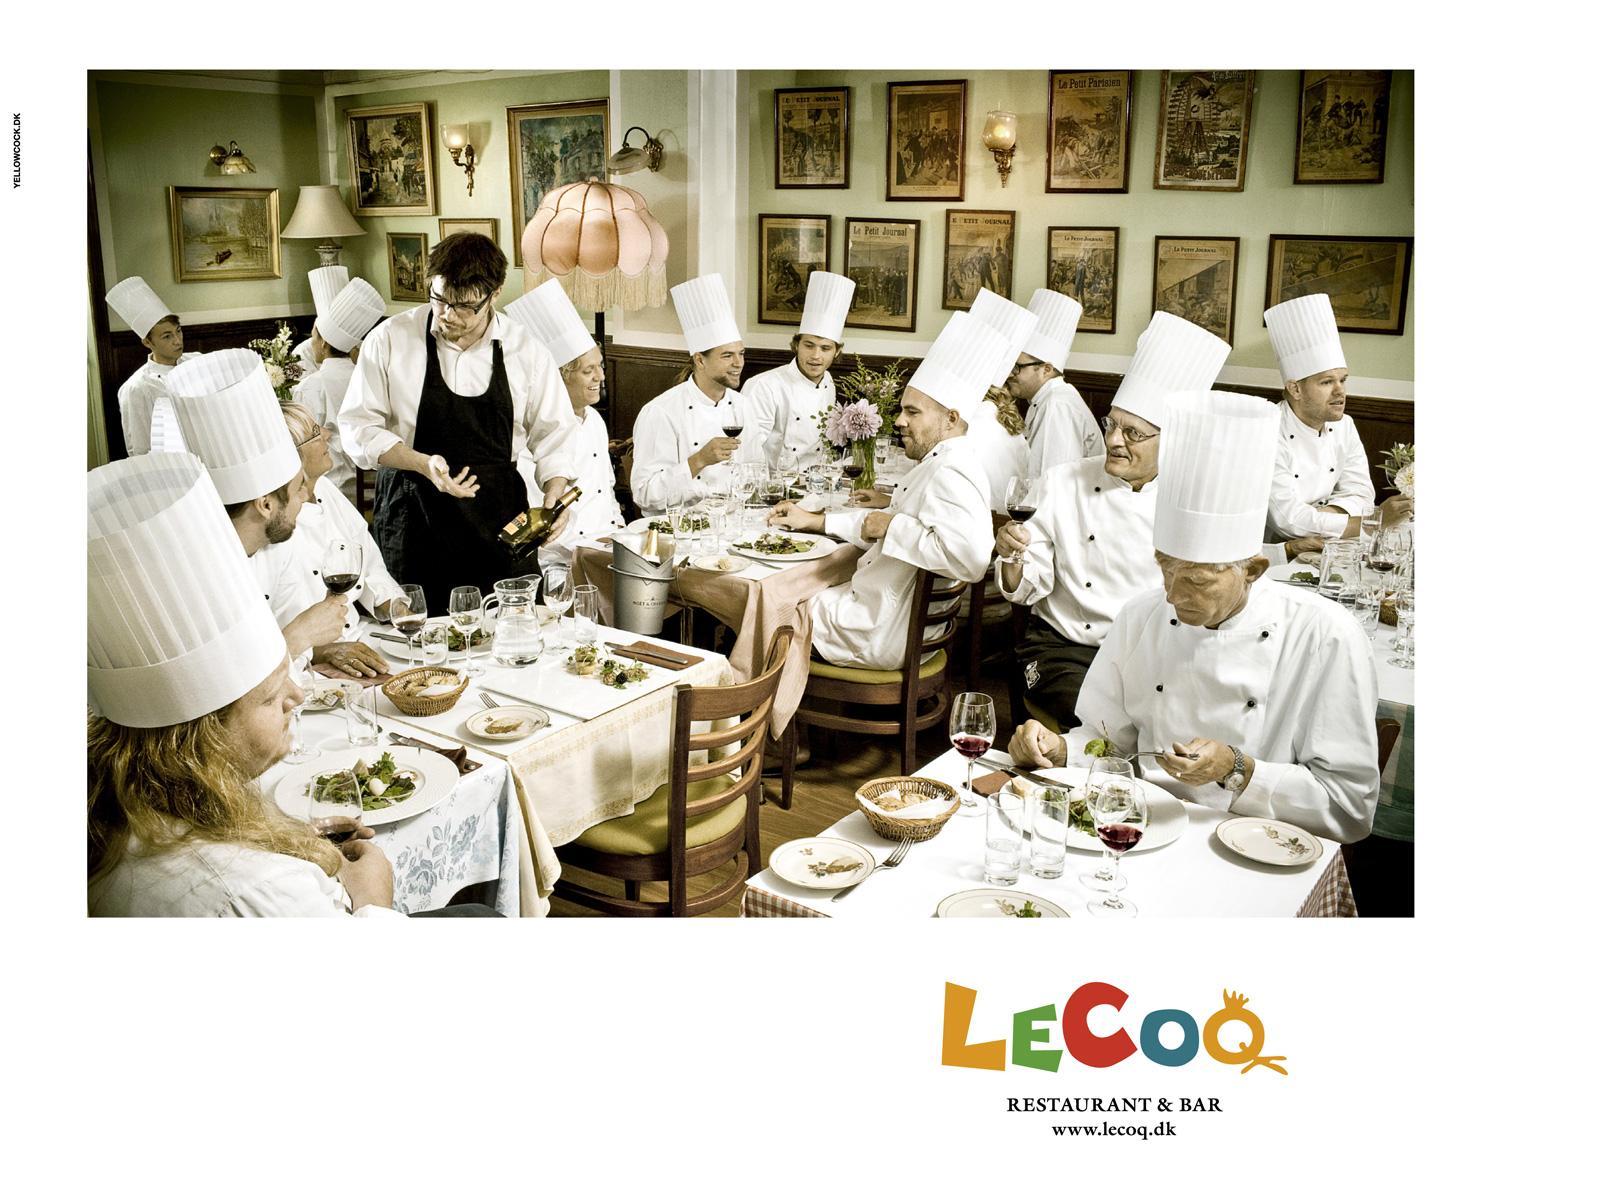 LeCoq Print Ad -  Cooks